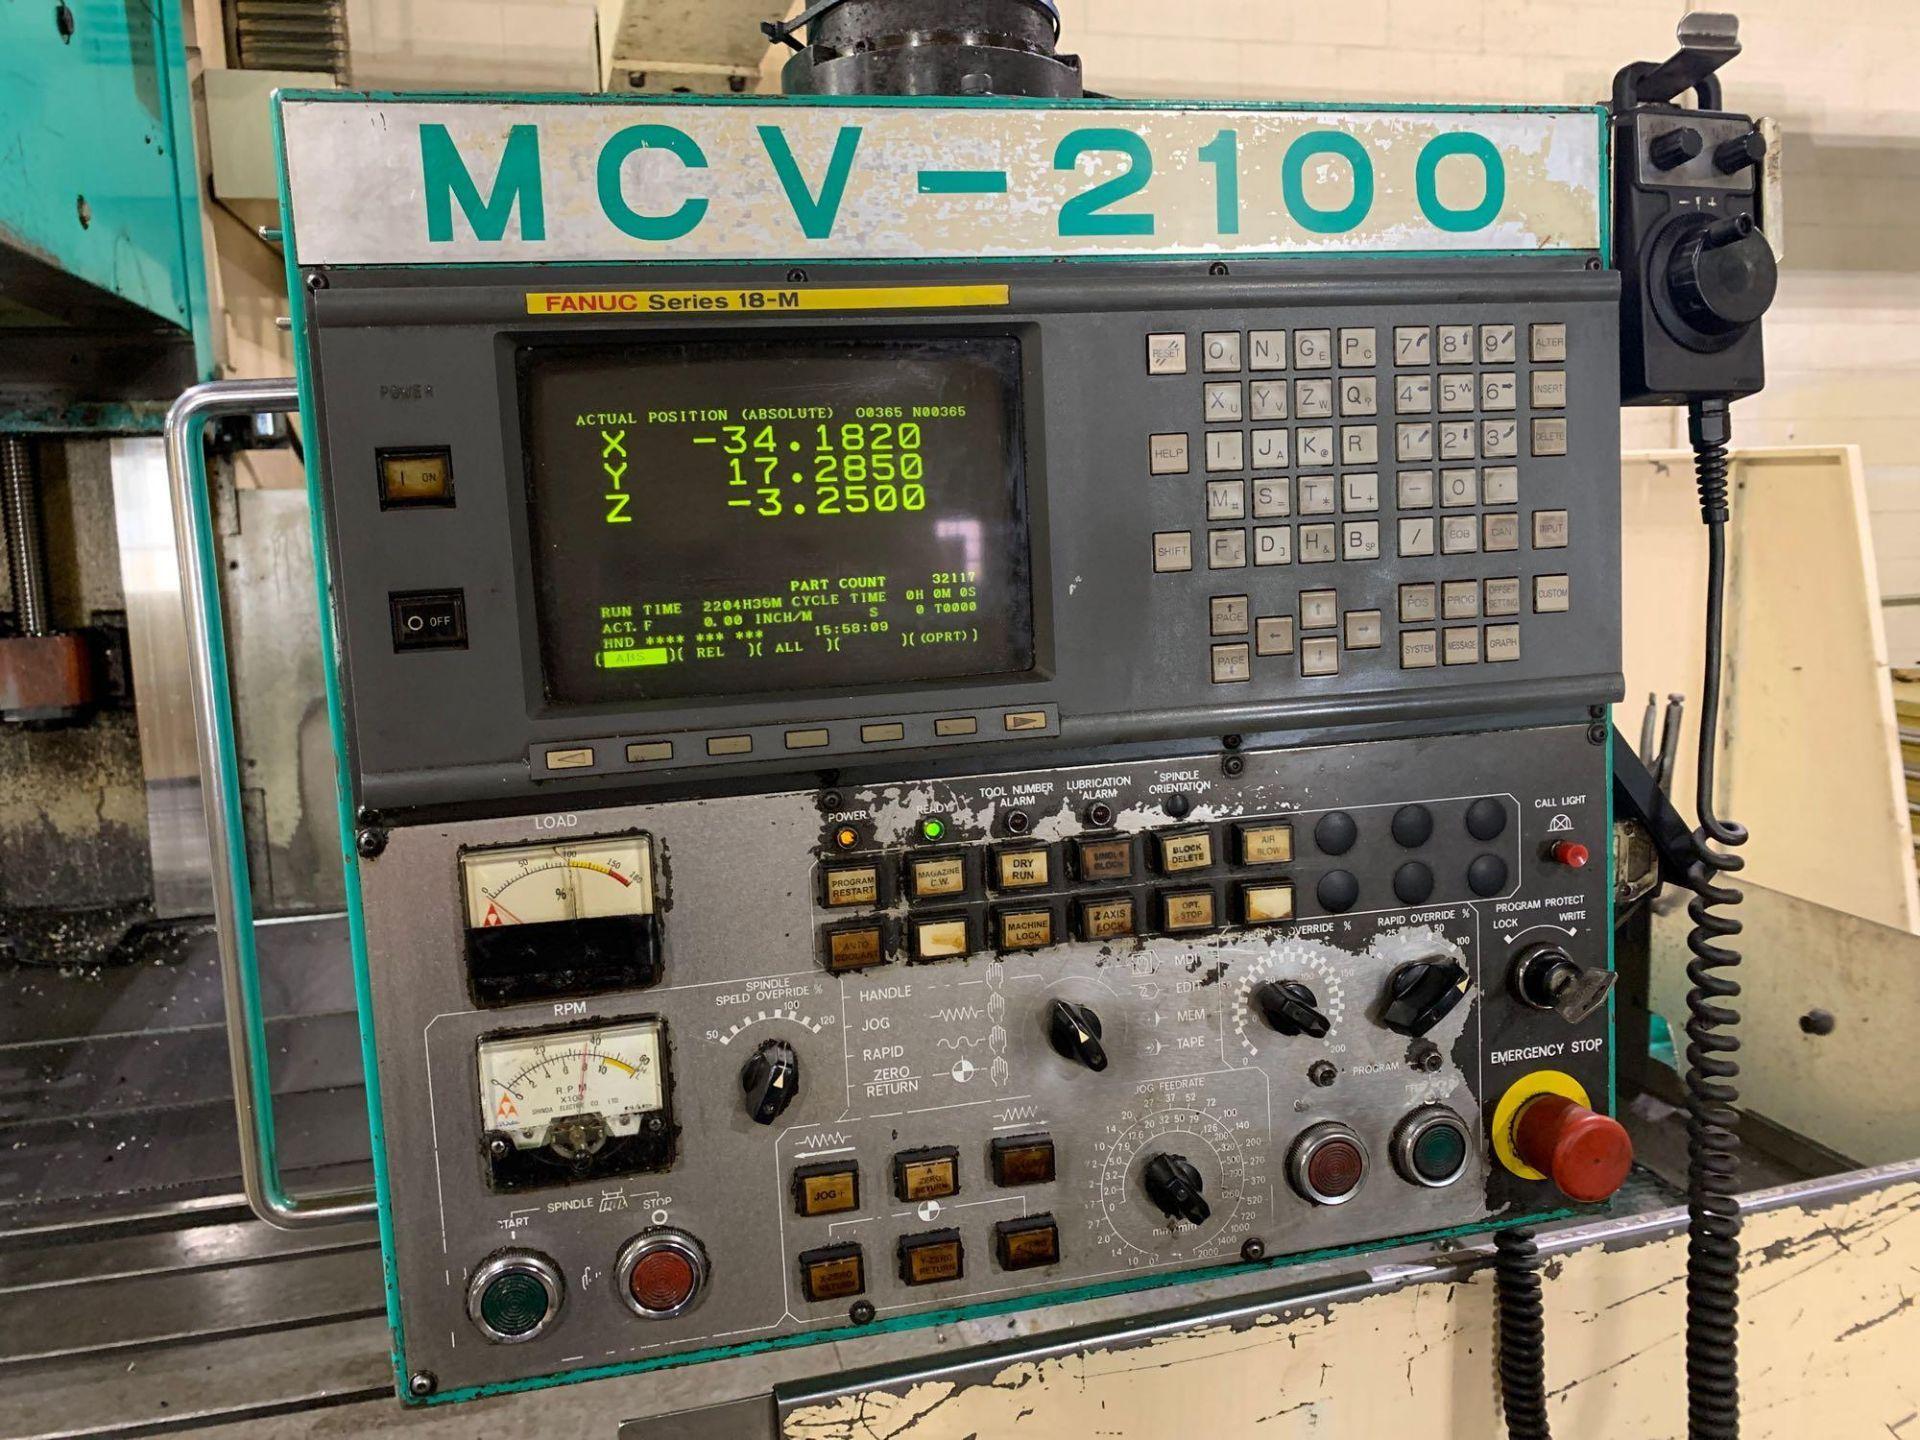 Dah-LihDL- MCV-2100 Vertical Machining Center Make: Dah-Lih Model #: DL- MCV-2100 Serial Number: 21 - Image 18 of 22